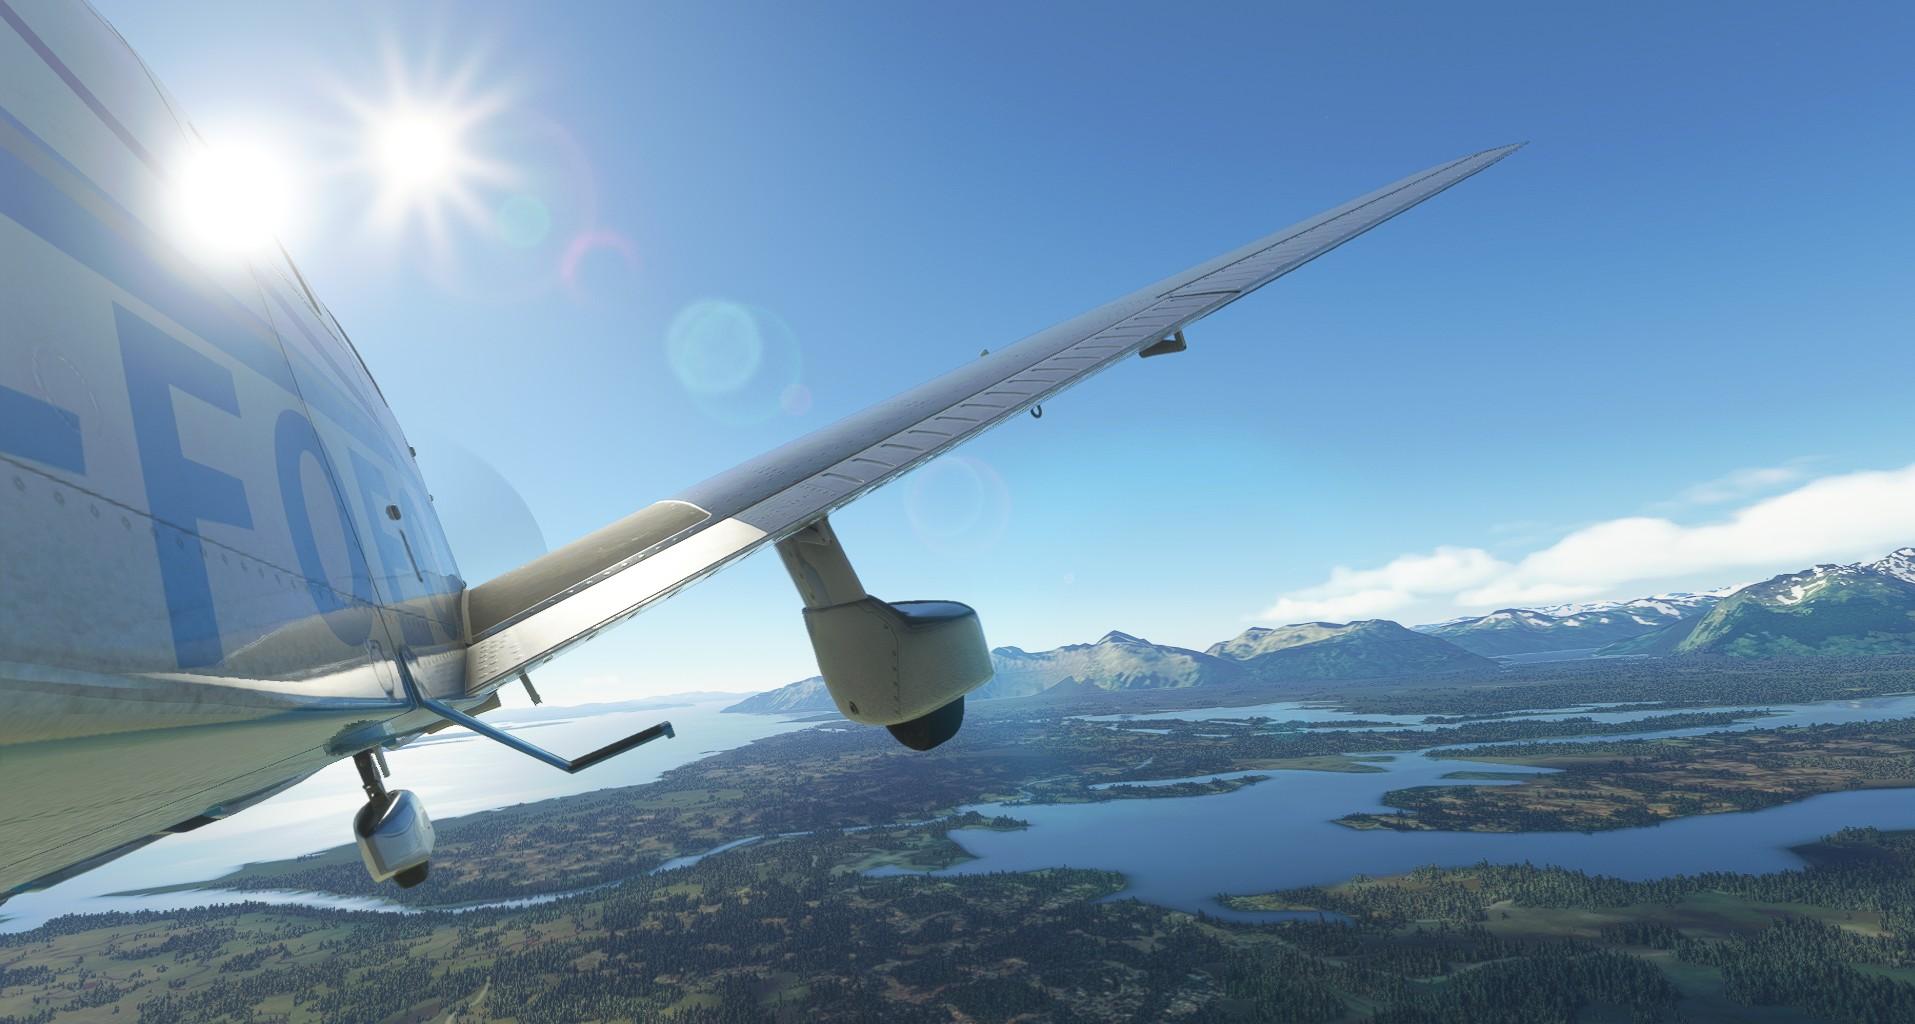 Microsoft Flight Simulator Just Flight Piper Warrior Ii Barnstorming Alaksa 2